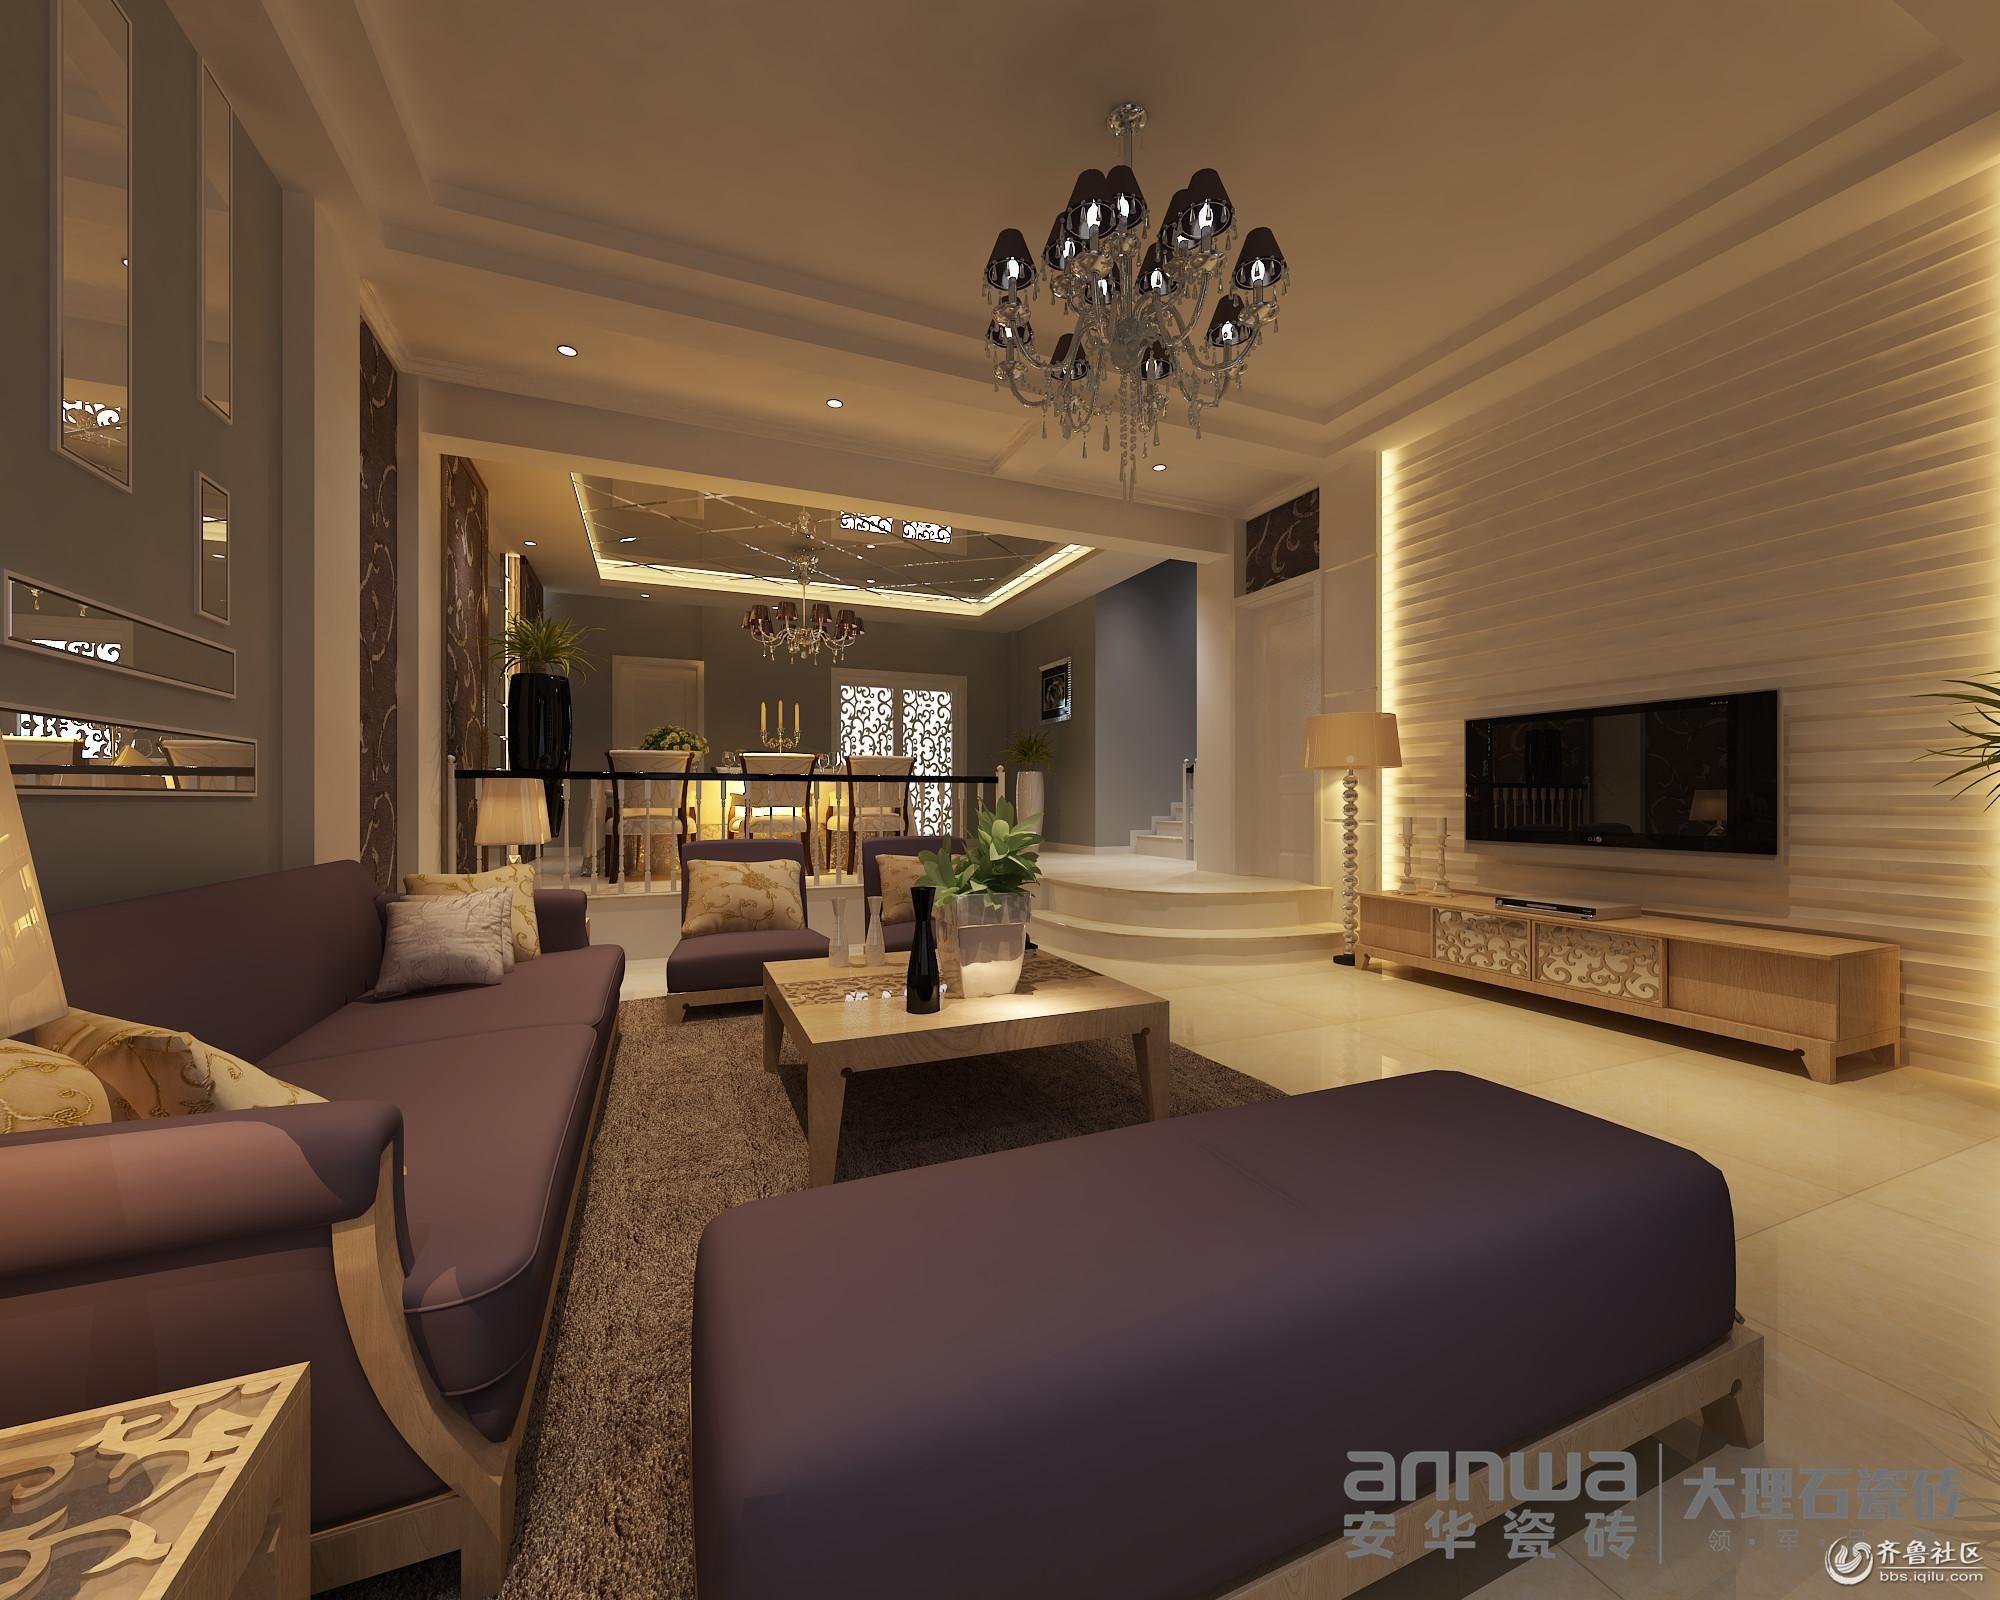 安华瓷砖装修效果图 创意电视背景墙装饰法 打造客厅表情秀